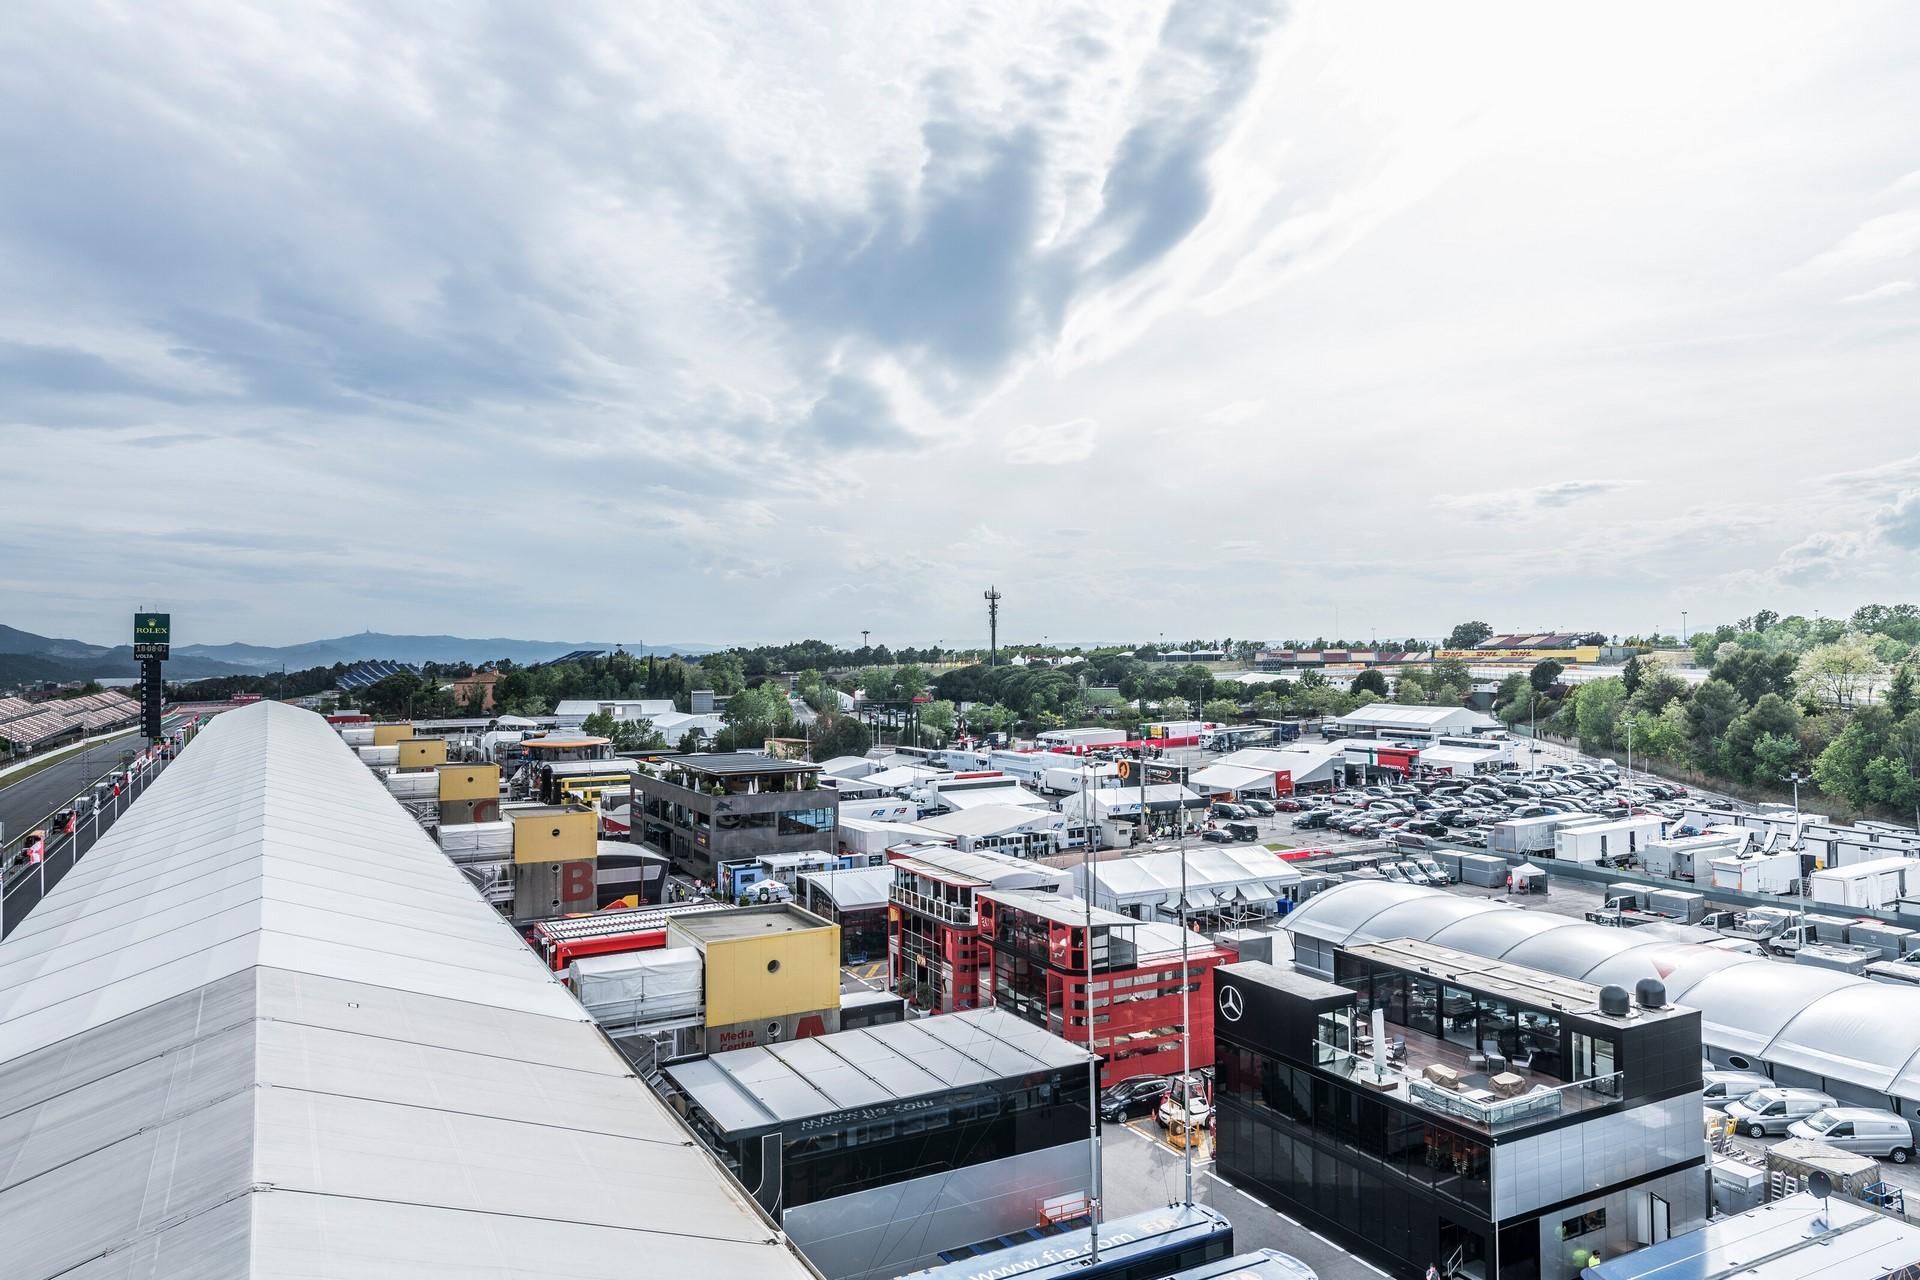 Red-Bull-F1-Energy-Station-2019-12